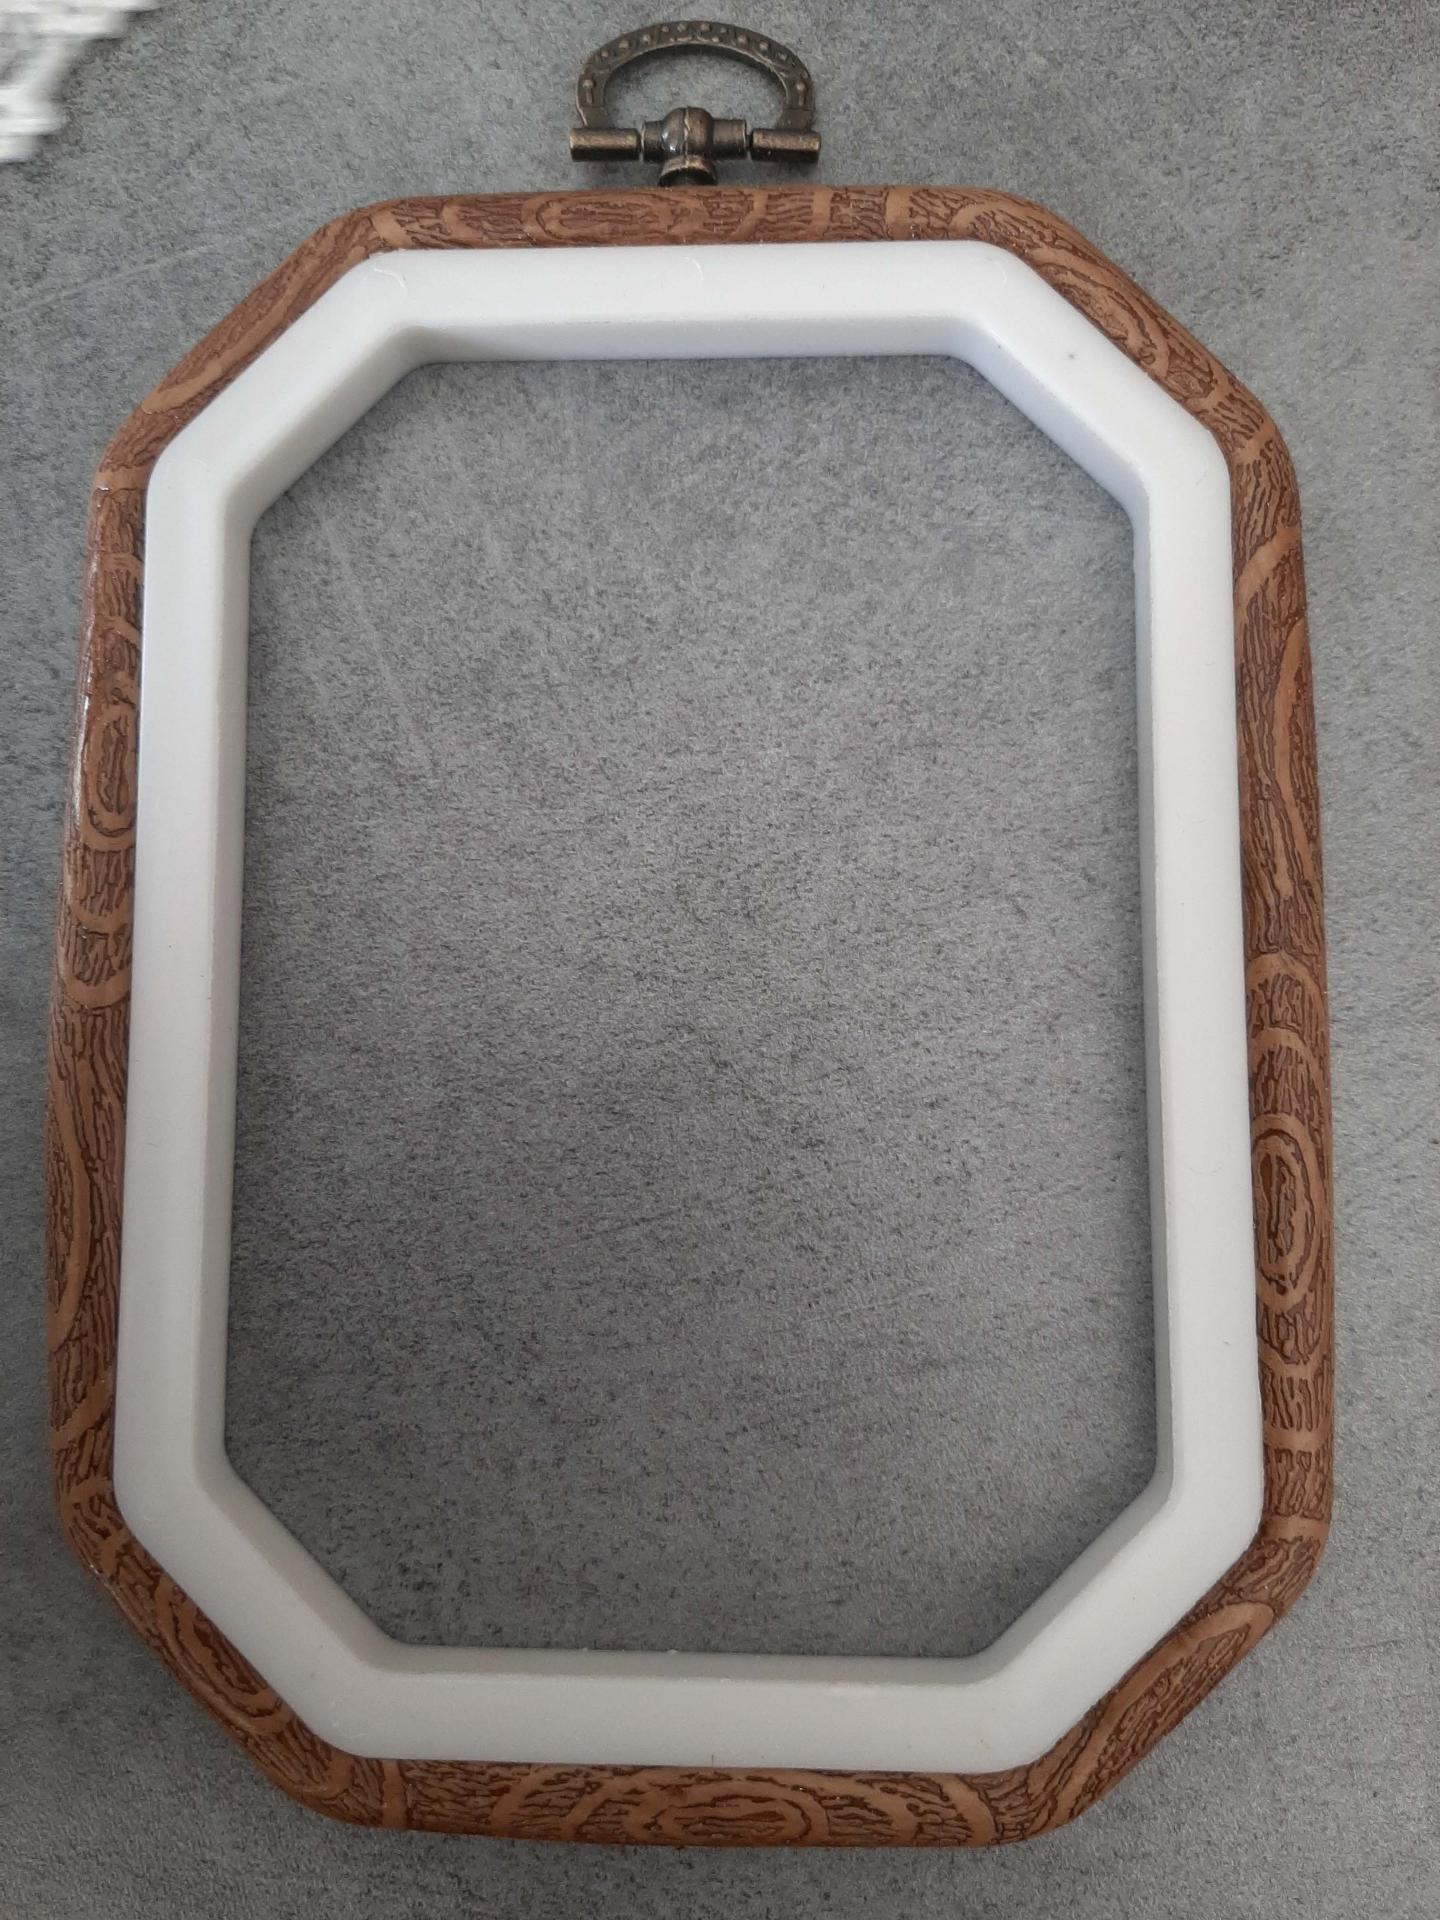 Cadre a broder decoratif style bois octogonal 15x11 cm